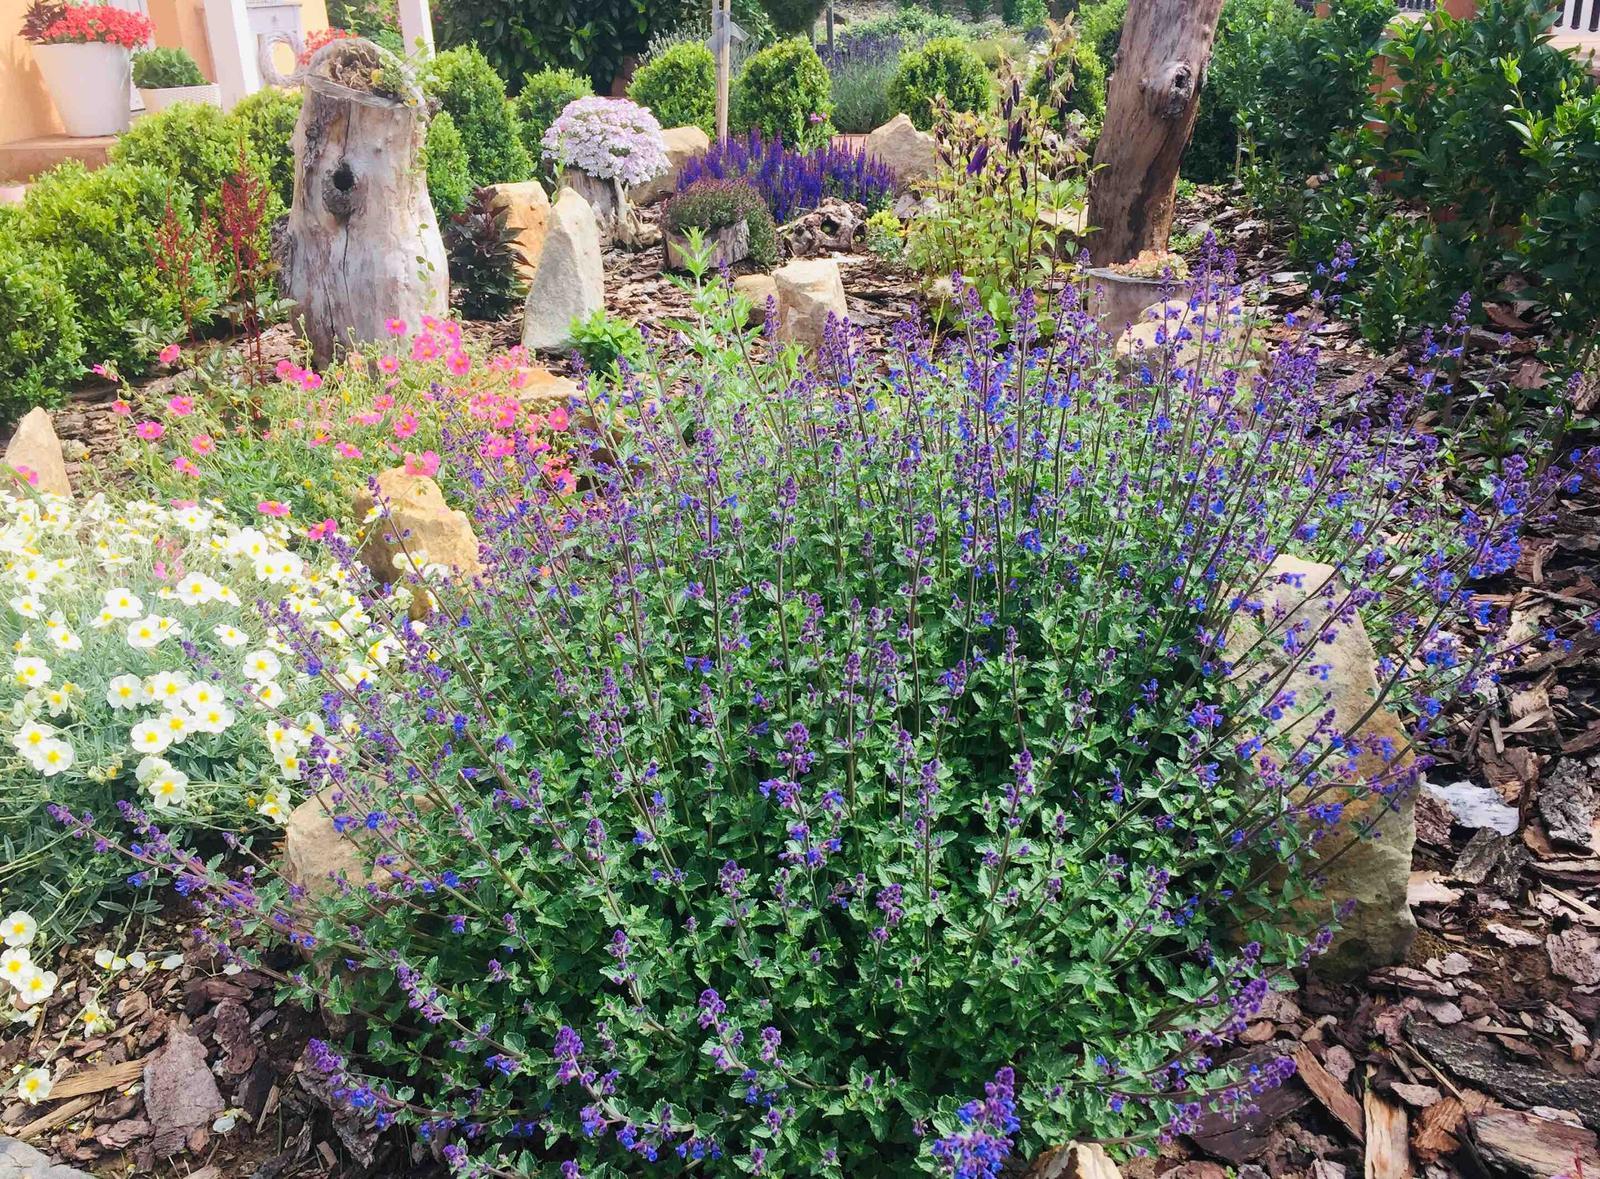 Naše barevná zahrada 🌸 - Šanta se tedy pěkně rozjela, zasazená loni v září, takové dvě mini rostlinky to byly 🙉